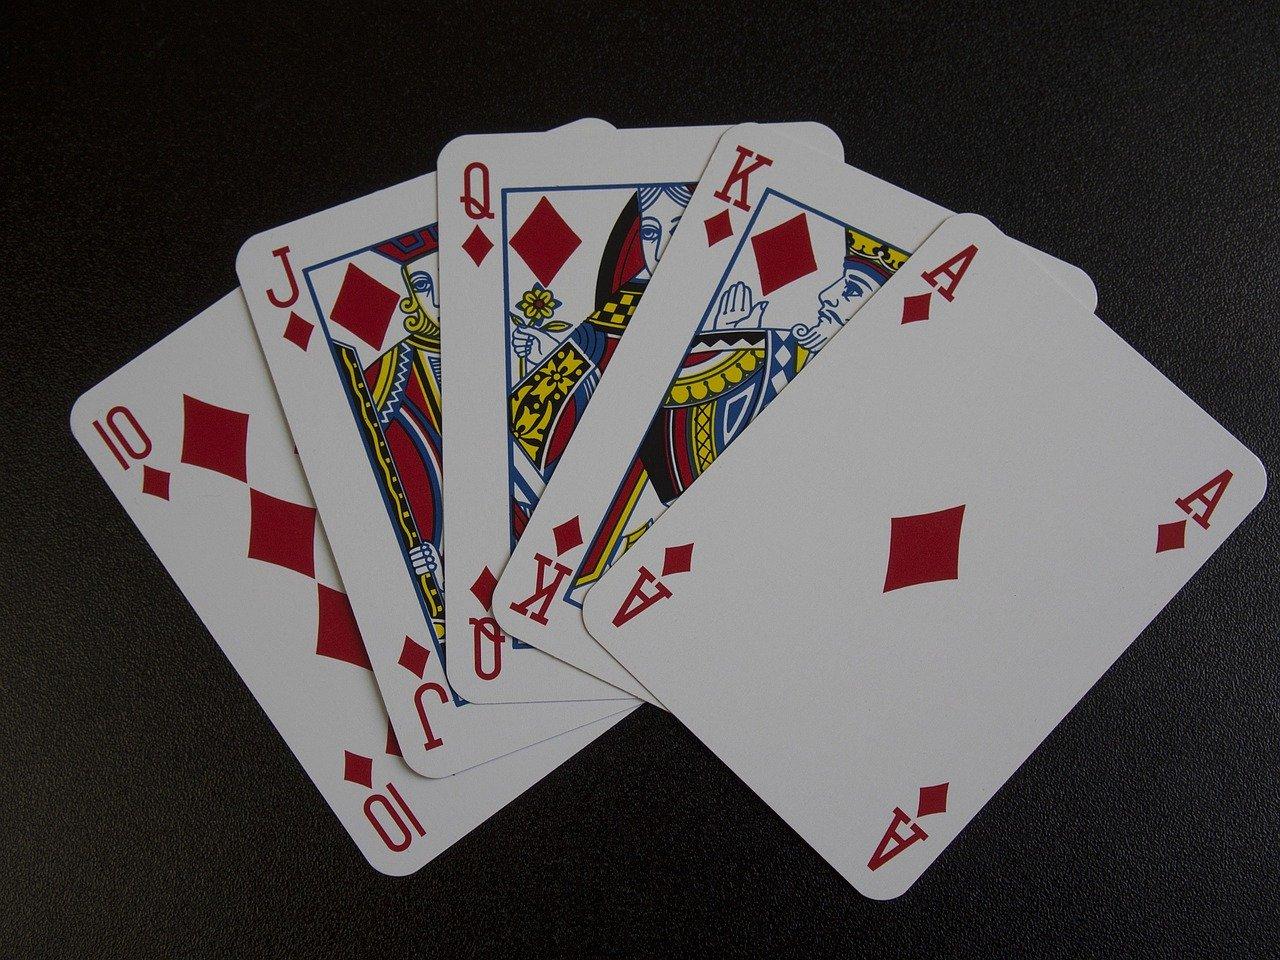 ポーカーロイヤルフラッシュ